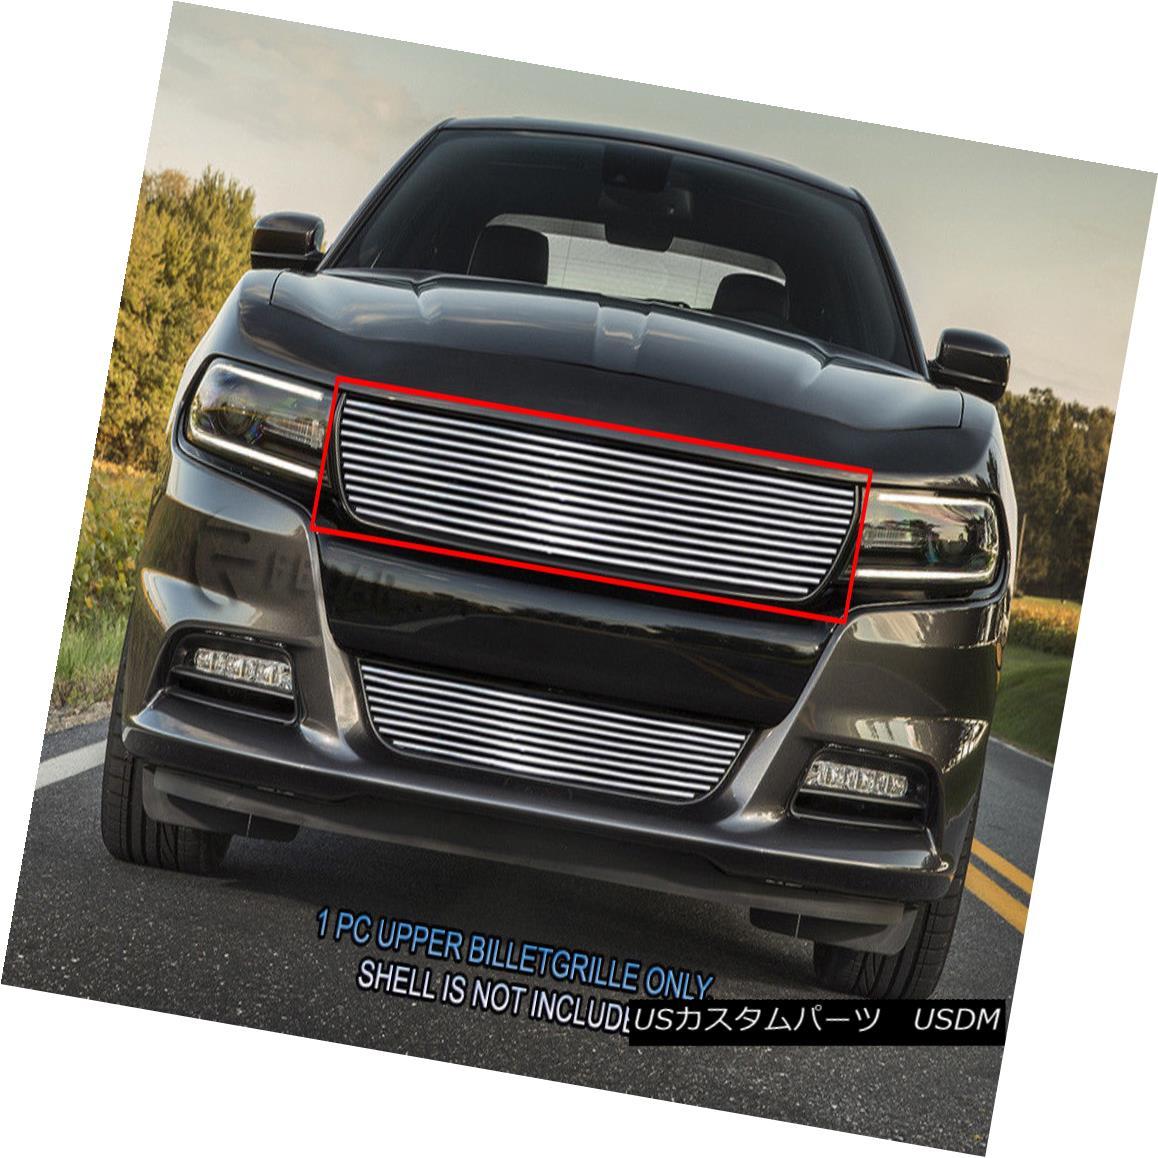 グリル Fedar Fits 2015-2017 Dodge Charger Polished Billet Grille Insert Fedarフィット2015-2017ダッジチャージャーポリッシュビレットグリルインサート